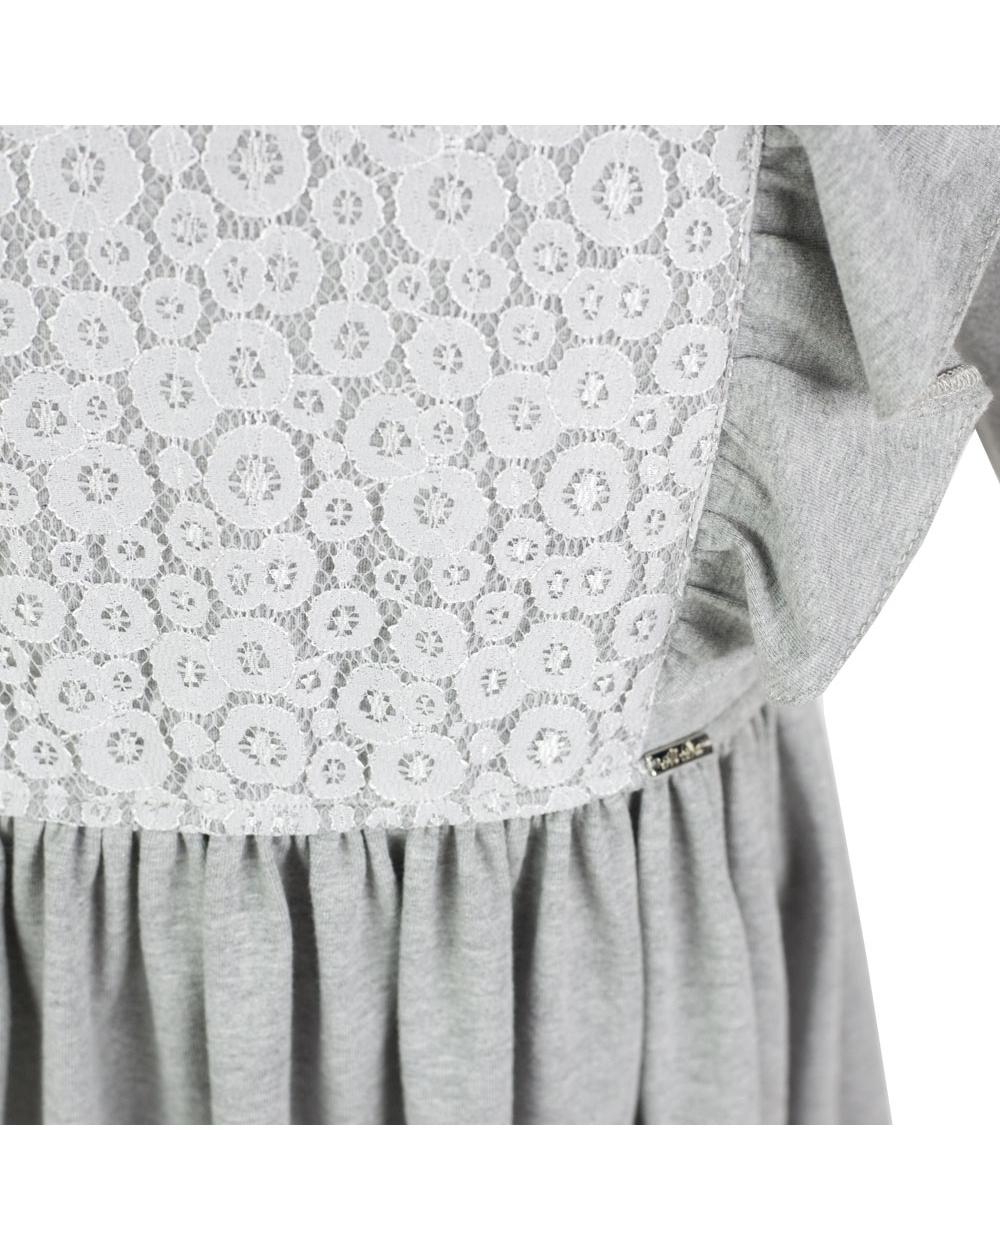 734bca8cf6d217 Sukienka z długim rękawem ozdobiona koronką falbanami dla dziewczynki tył  zbliżenie na koronkę